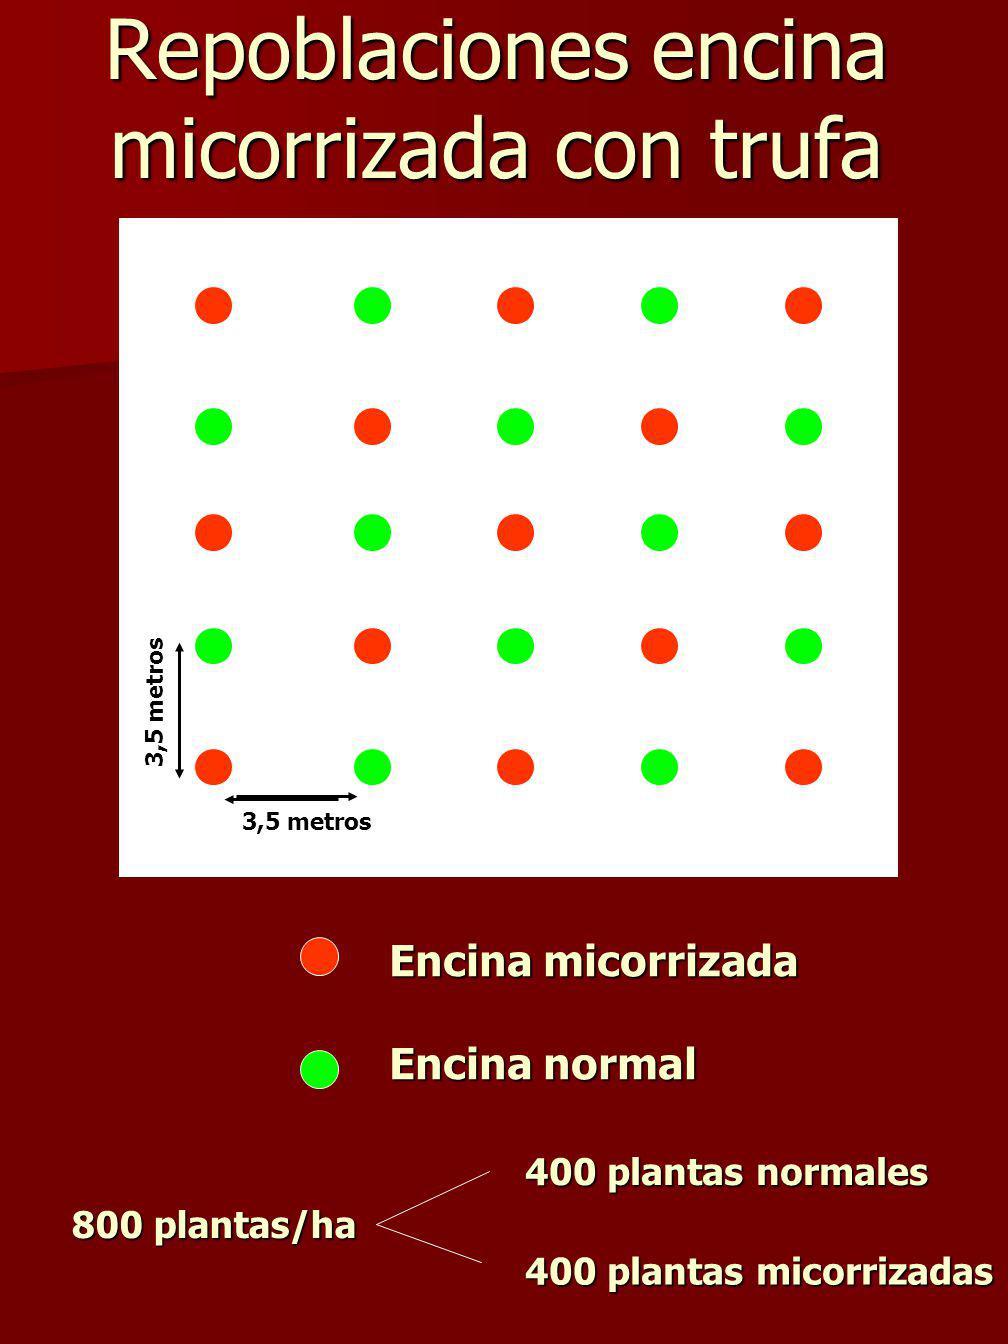 Repoblaciones encina micorrizada con trufa Encina micorrizada Encina normal 3,5 metros 800 plantas/ha 400 plantas normales 400 plantas micorrizadas